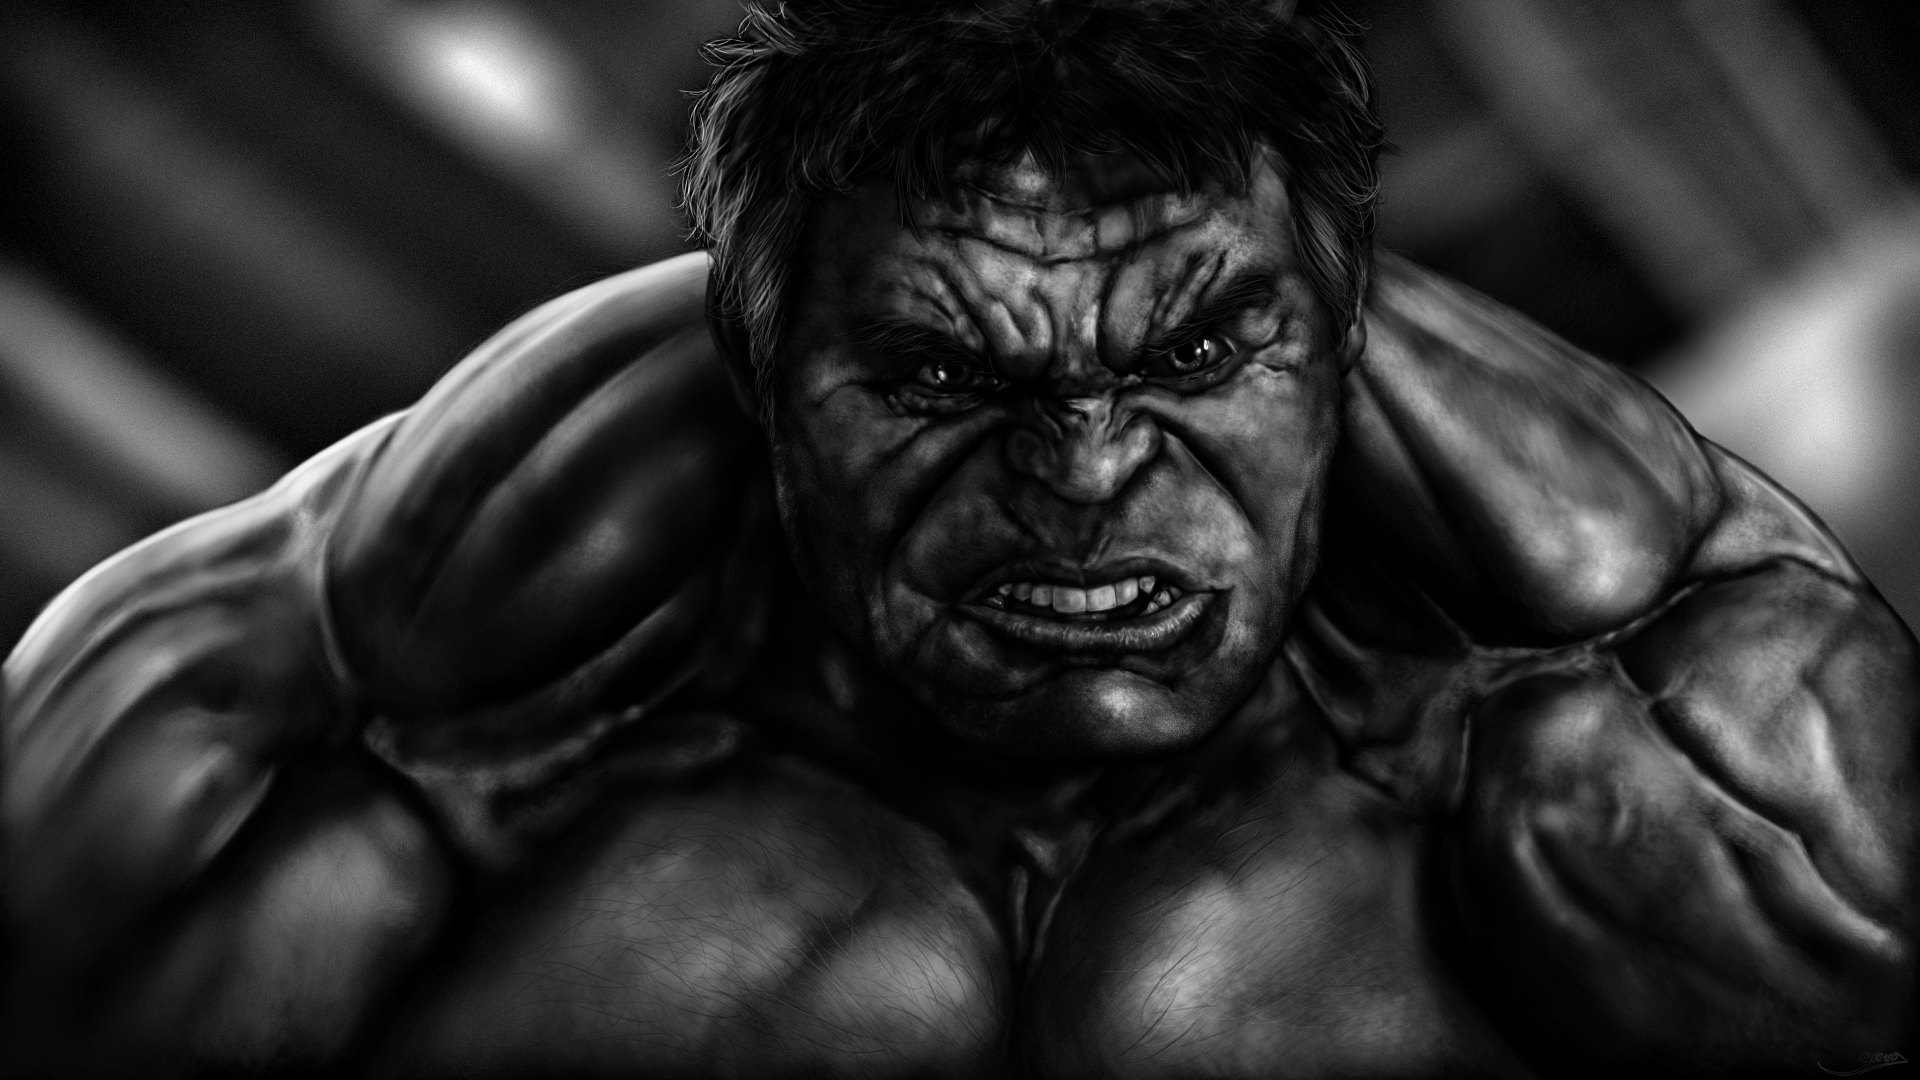 Angry Hulk by Giova94 on DeviantArt